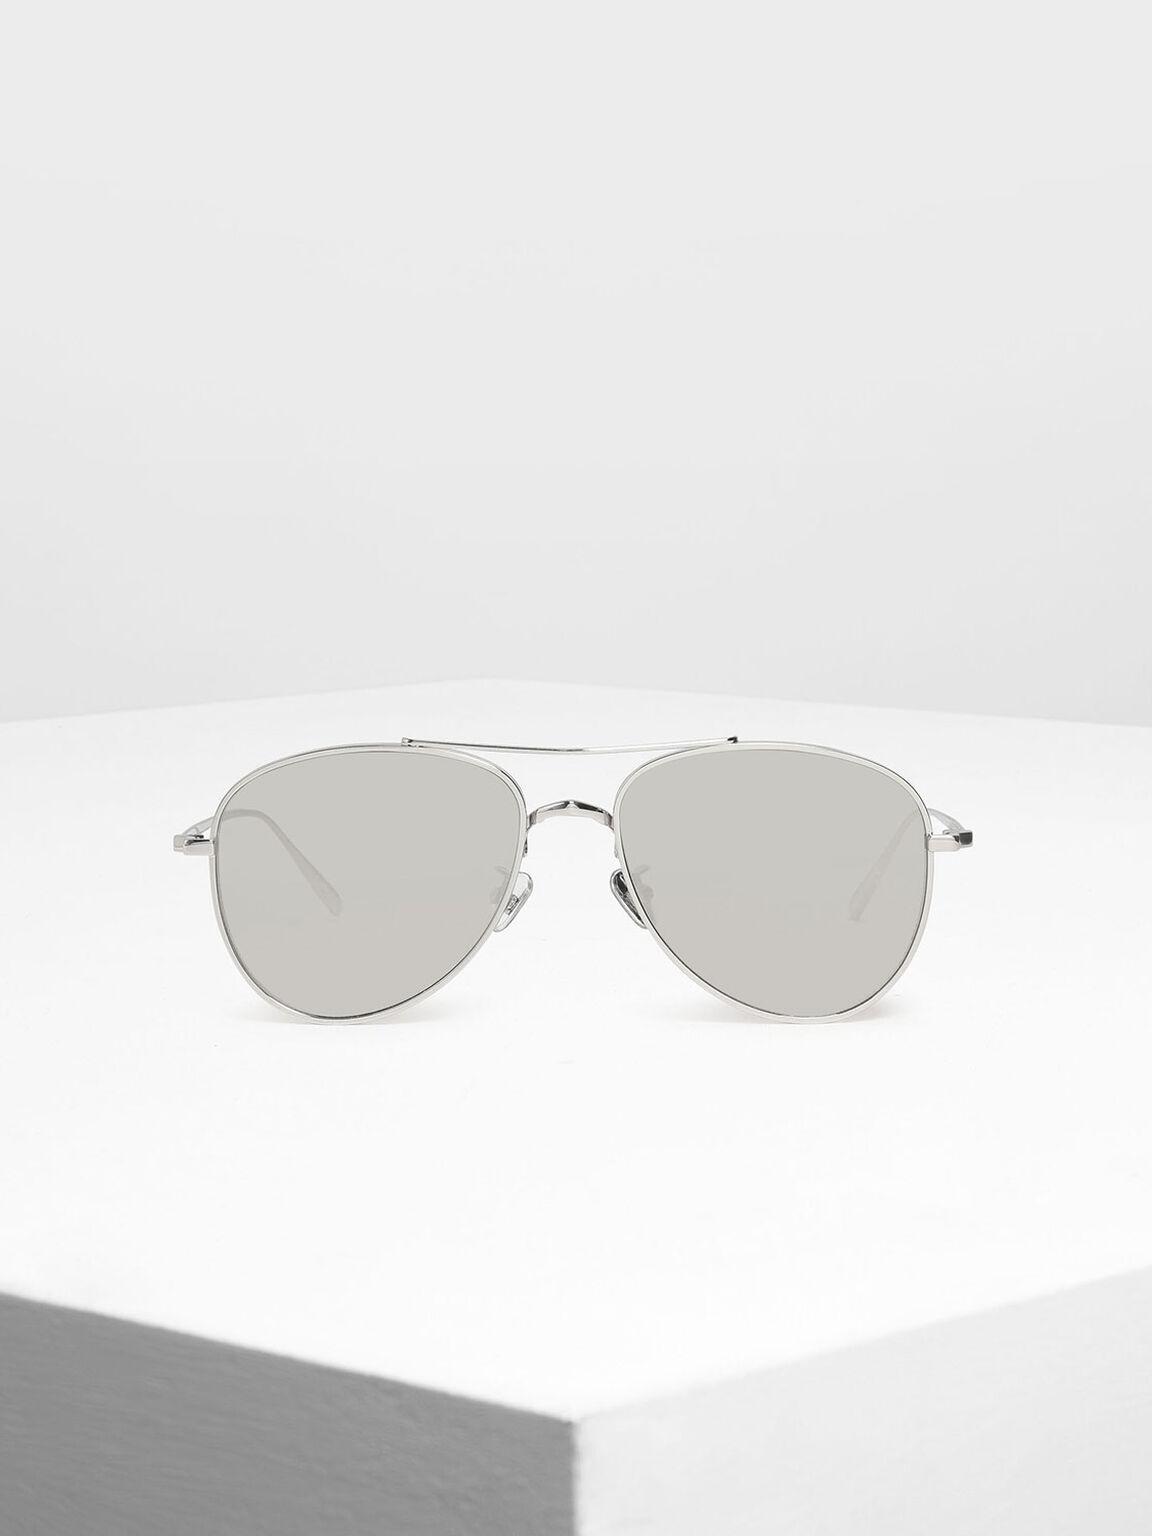 Metal Aviator Sunglasses, Silver, hi-res